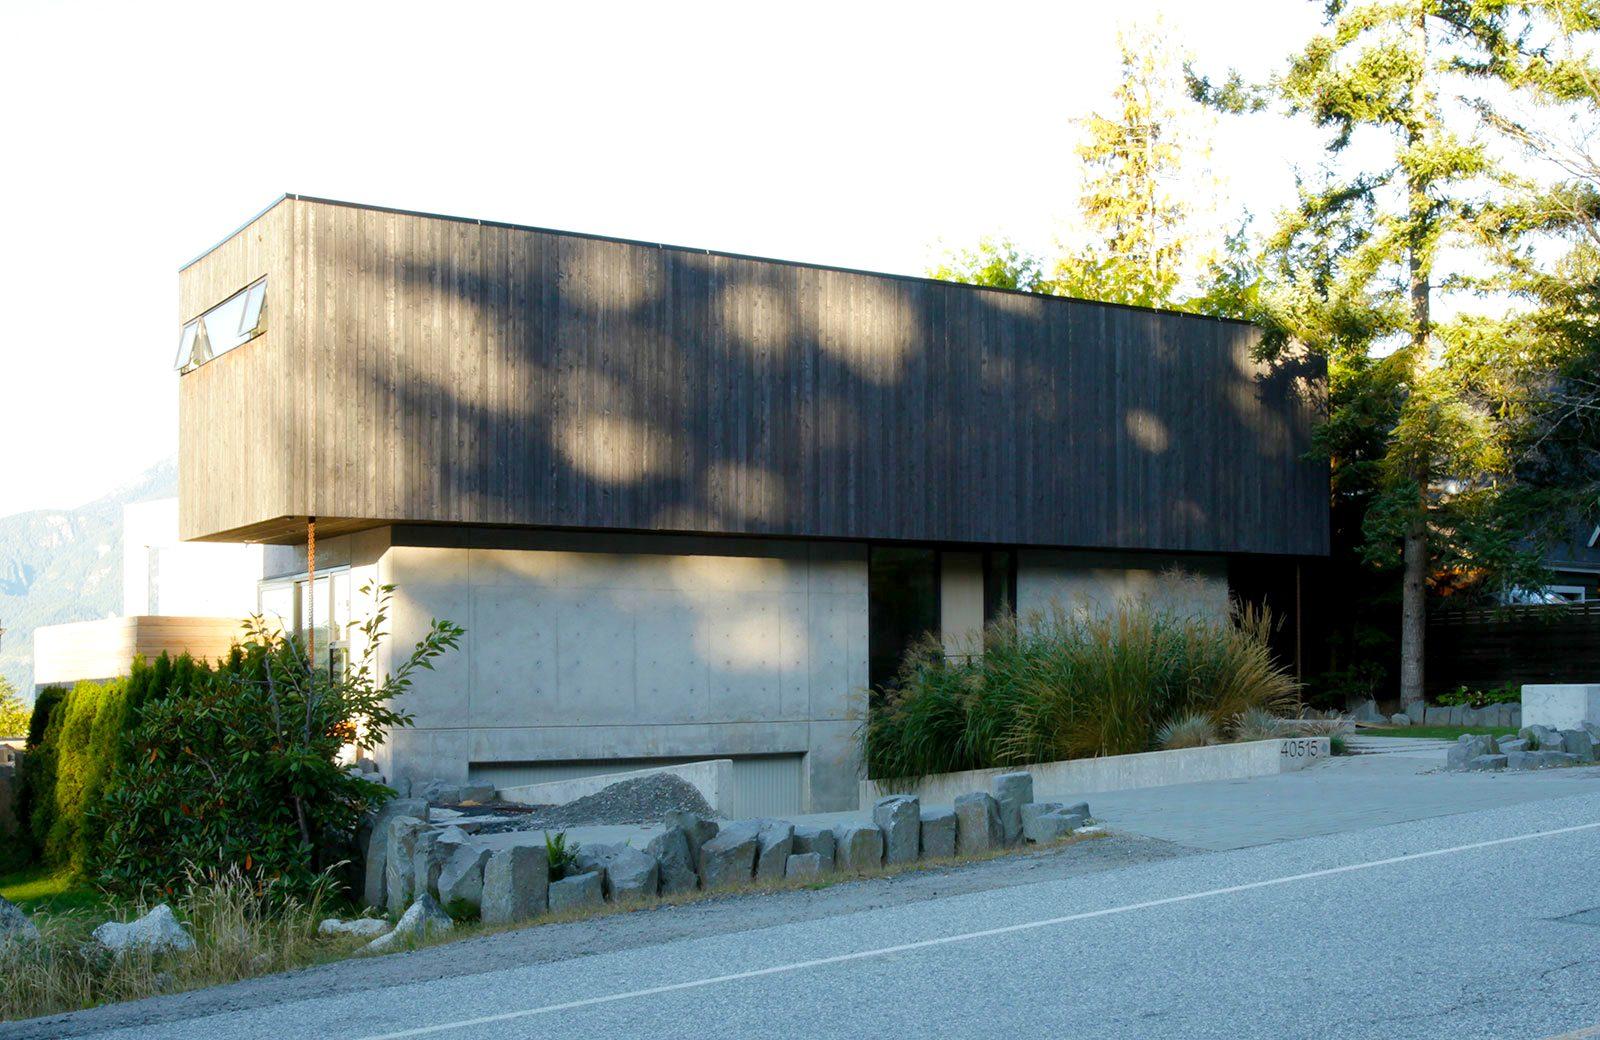 Squamish-1-1600x1040.jpg